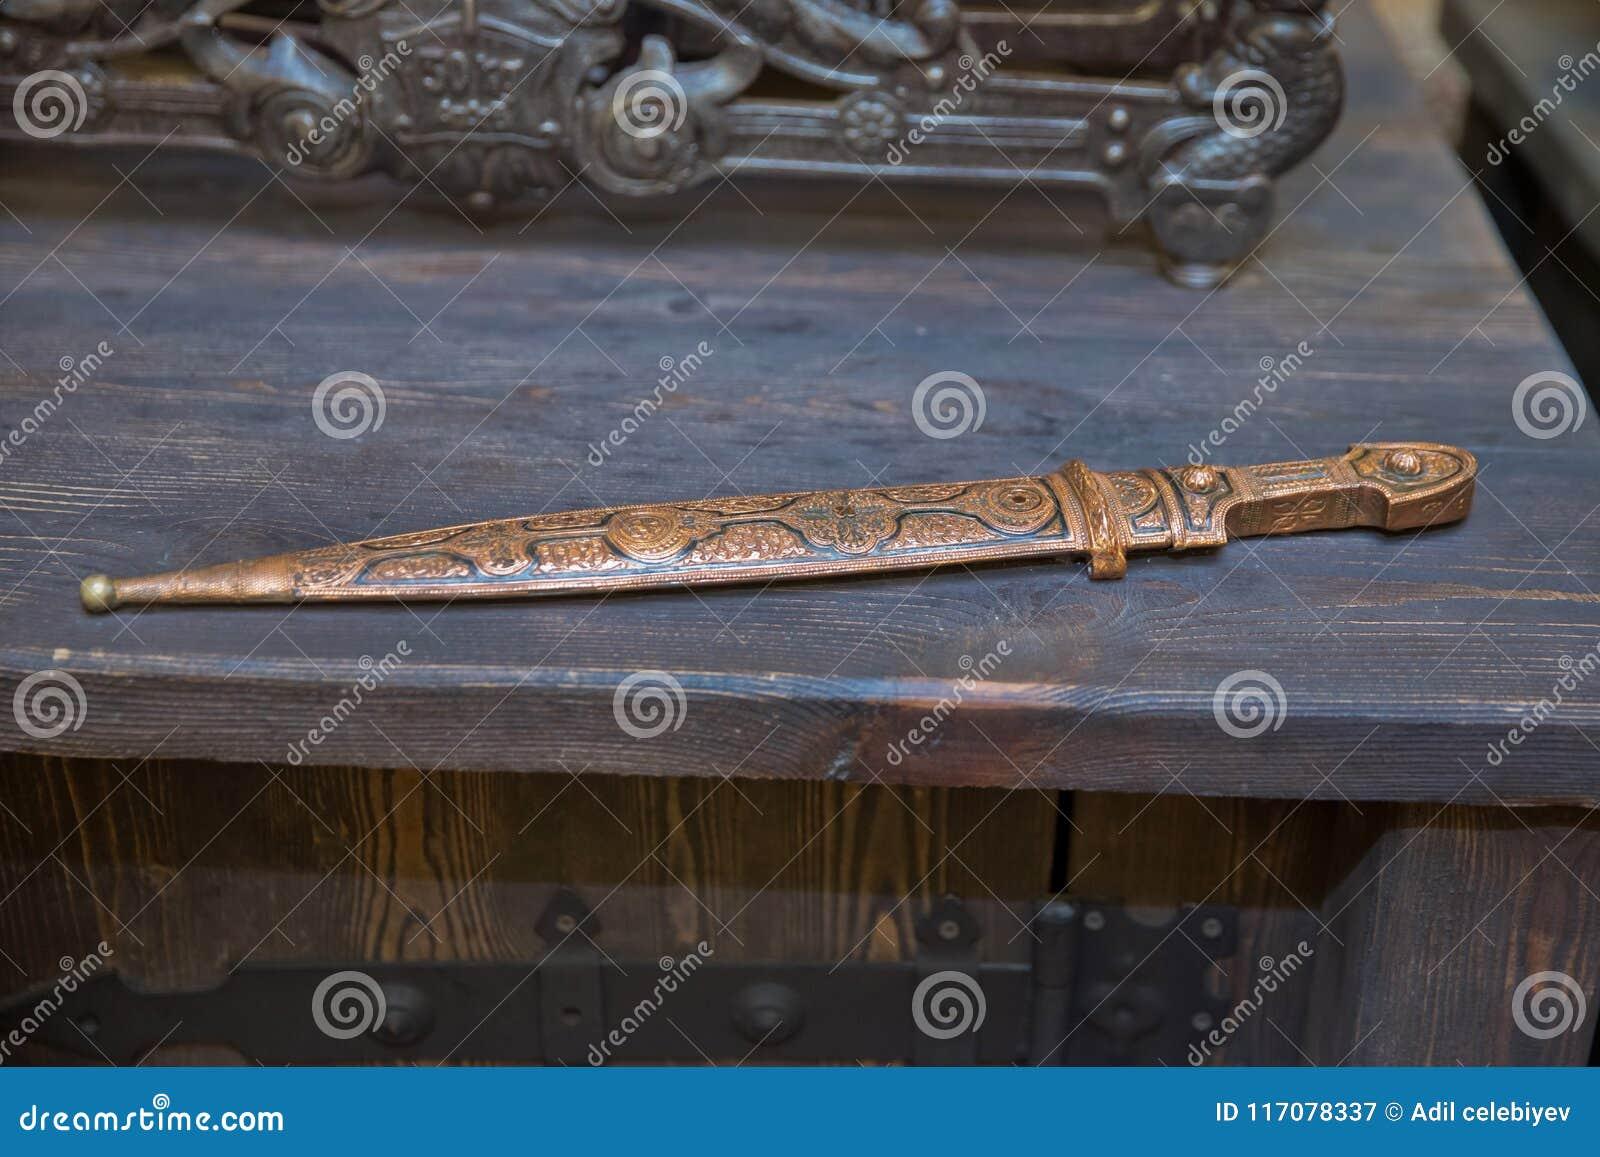 Entregue o cutelo forjado do pirata, uma arma elegante de uma idade mais brutal Espada de cobre em um fundo de madeira